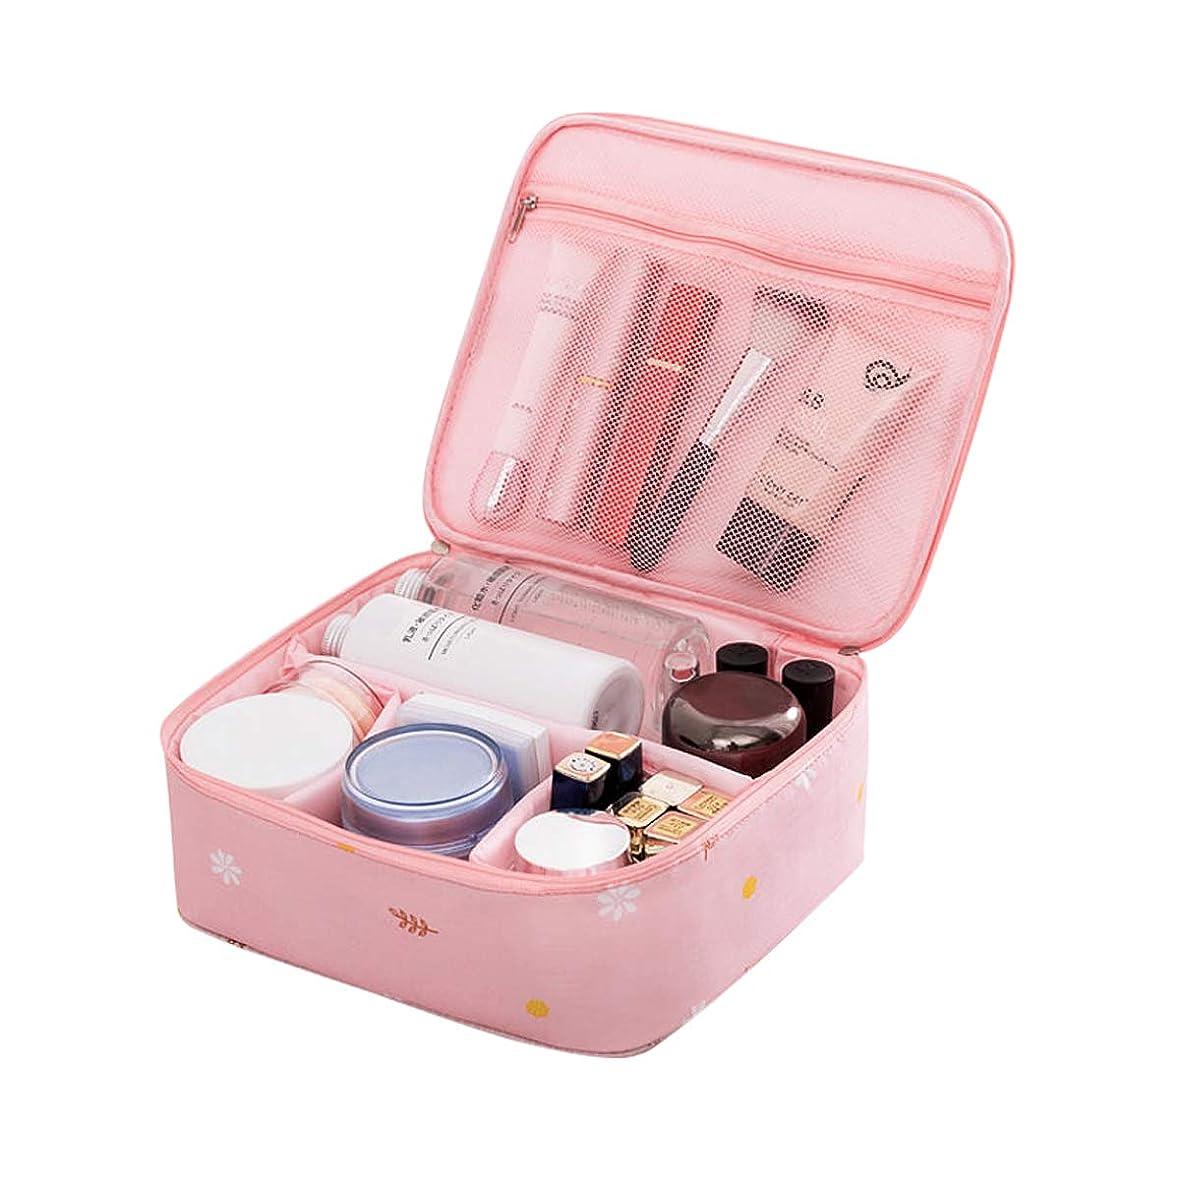 集まるいとこ合計Coolzon化粧ポーチ 防水 機能的 大容量 化粧バッグ 軽量 化粧品収納 メイクボックス 折畳式 可愛い 旅行 出張(ピンク)